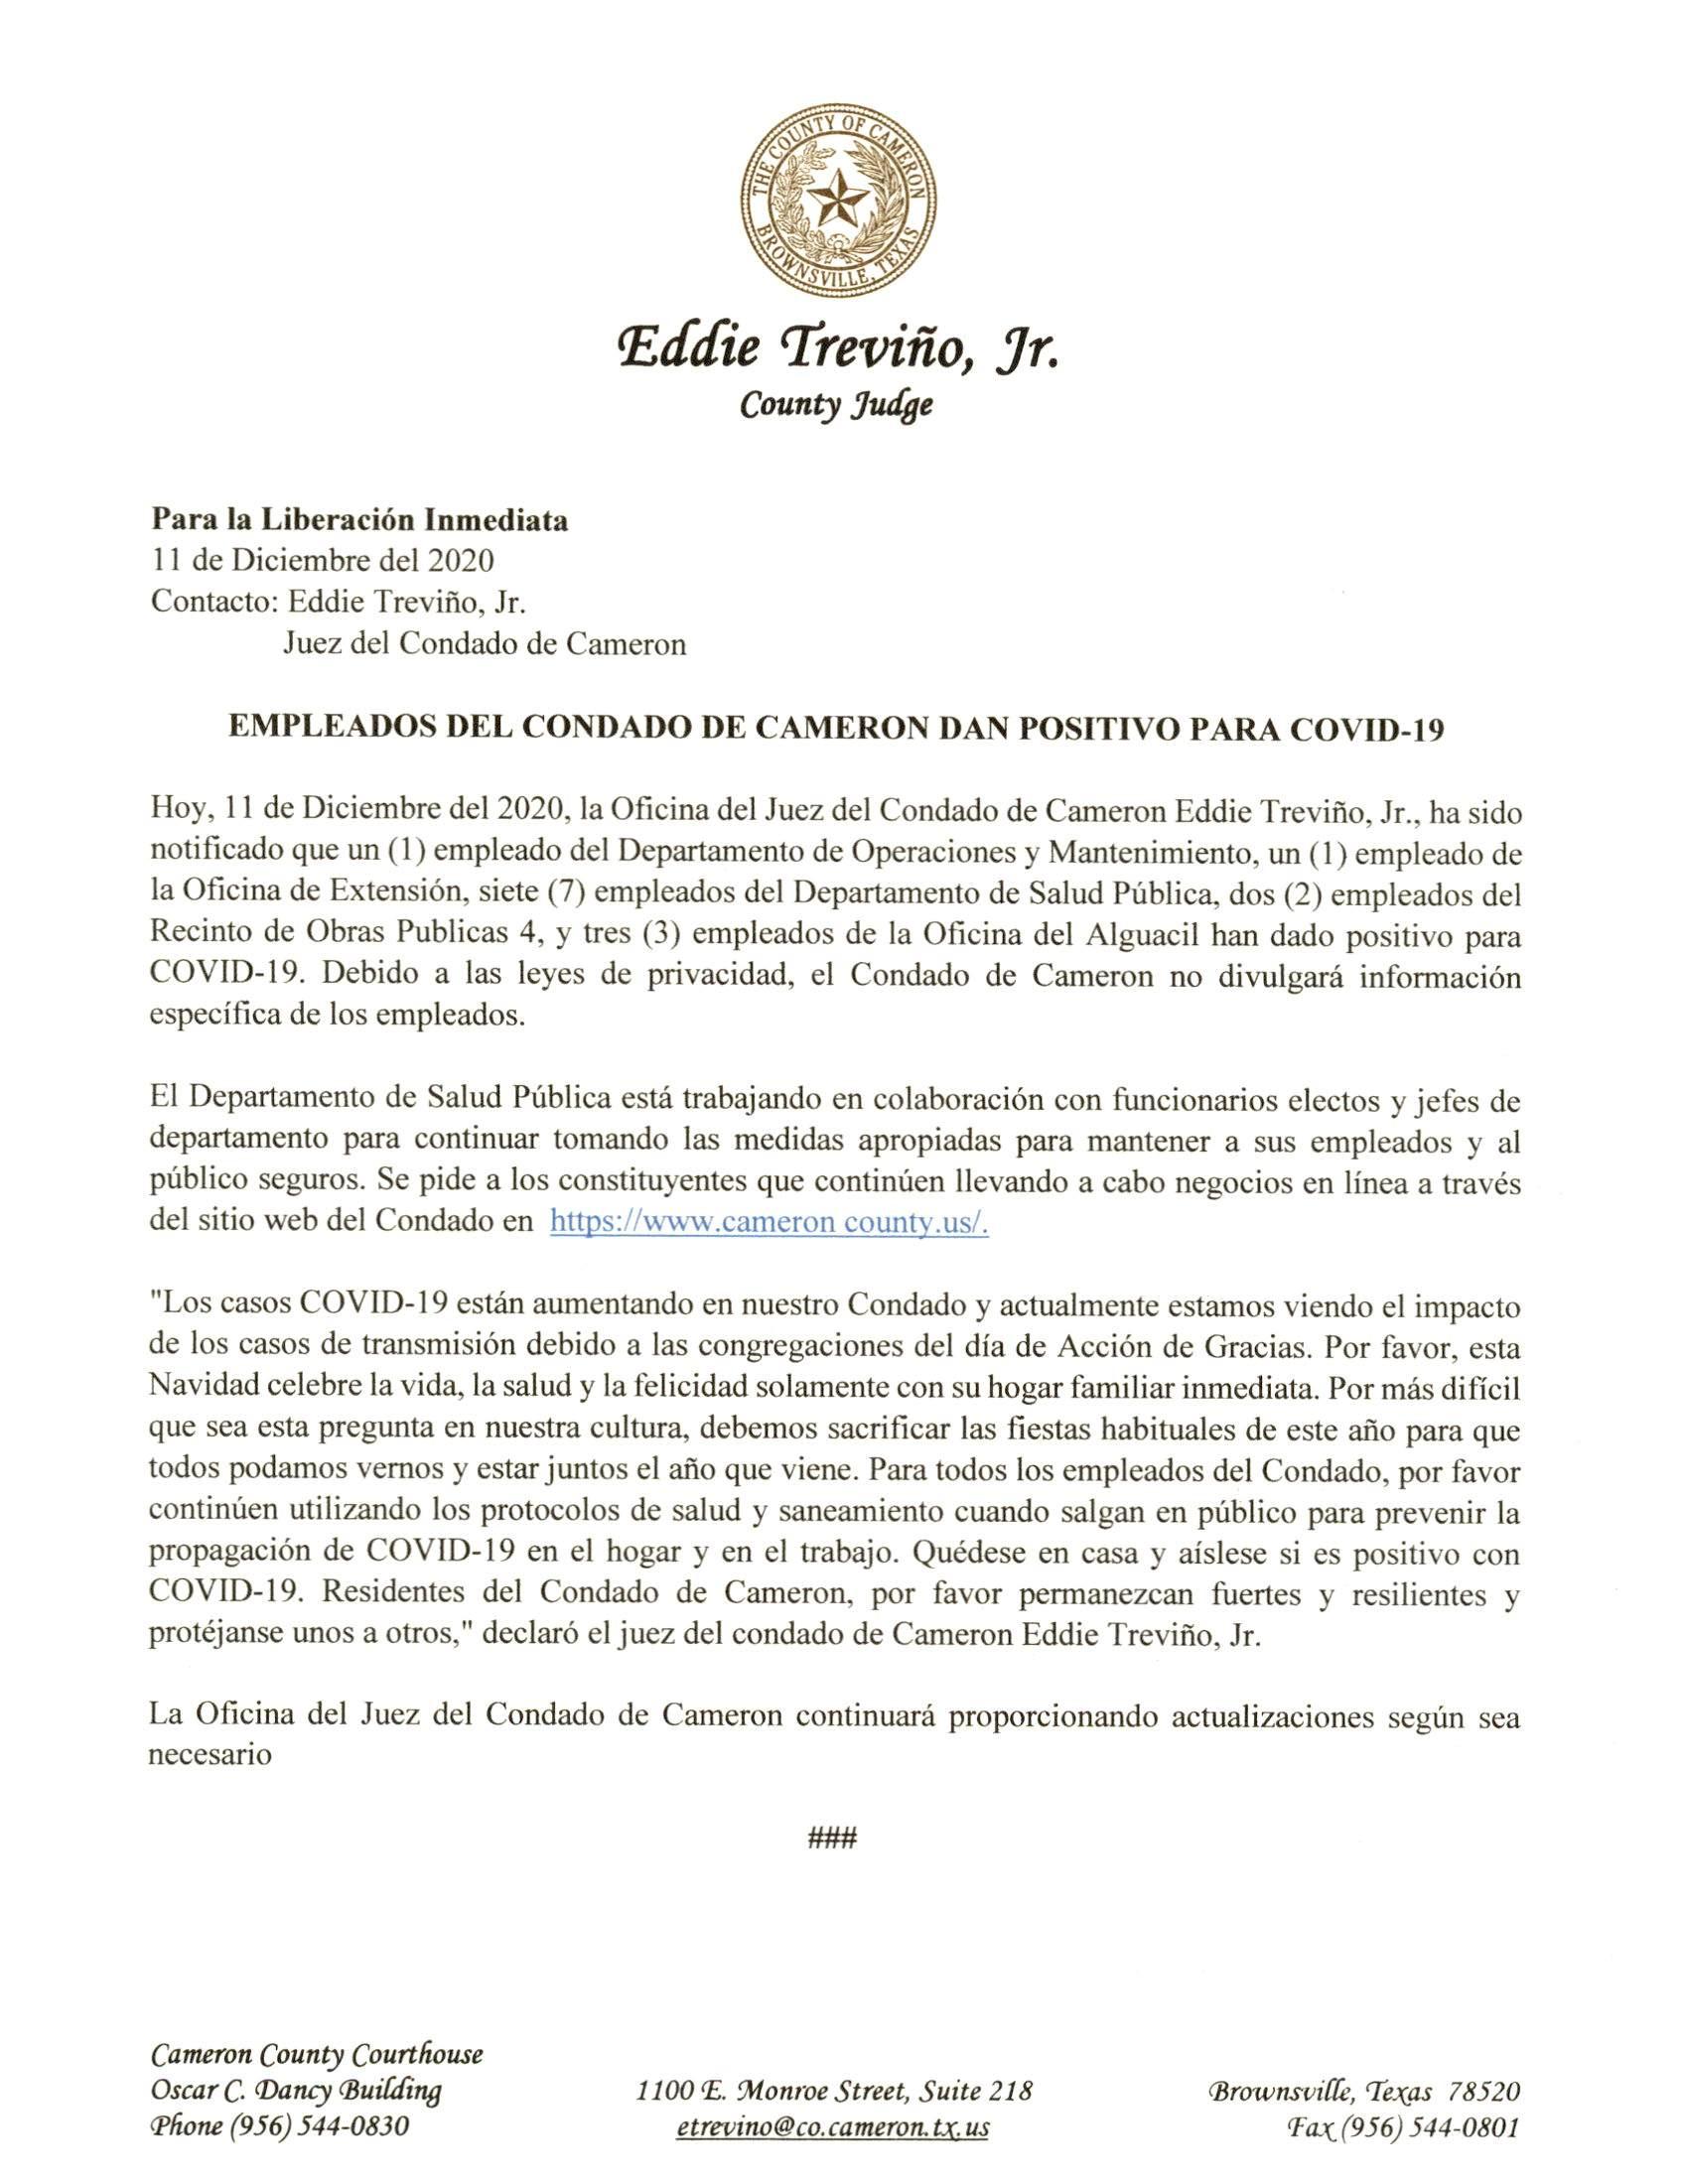 2020.12.11 Comunicado De Prensa Empleados Del Condado De Cameron Dan Positivo Para COVID 19